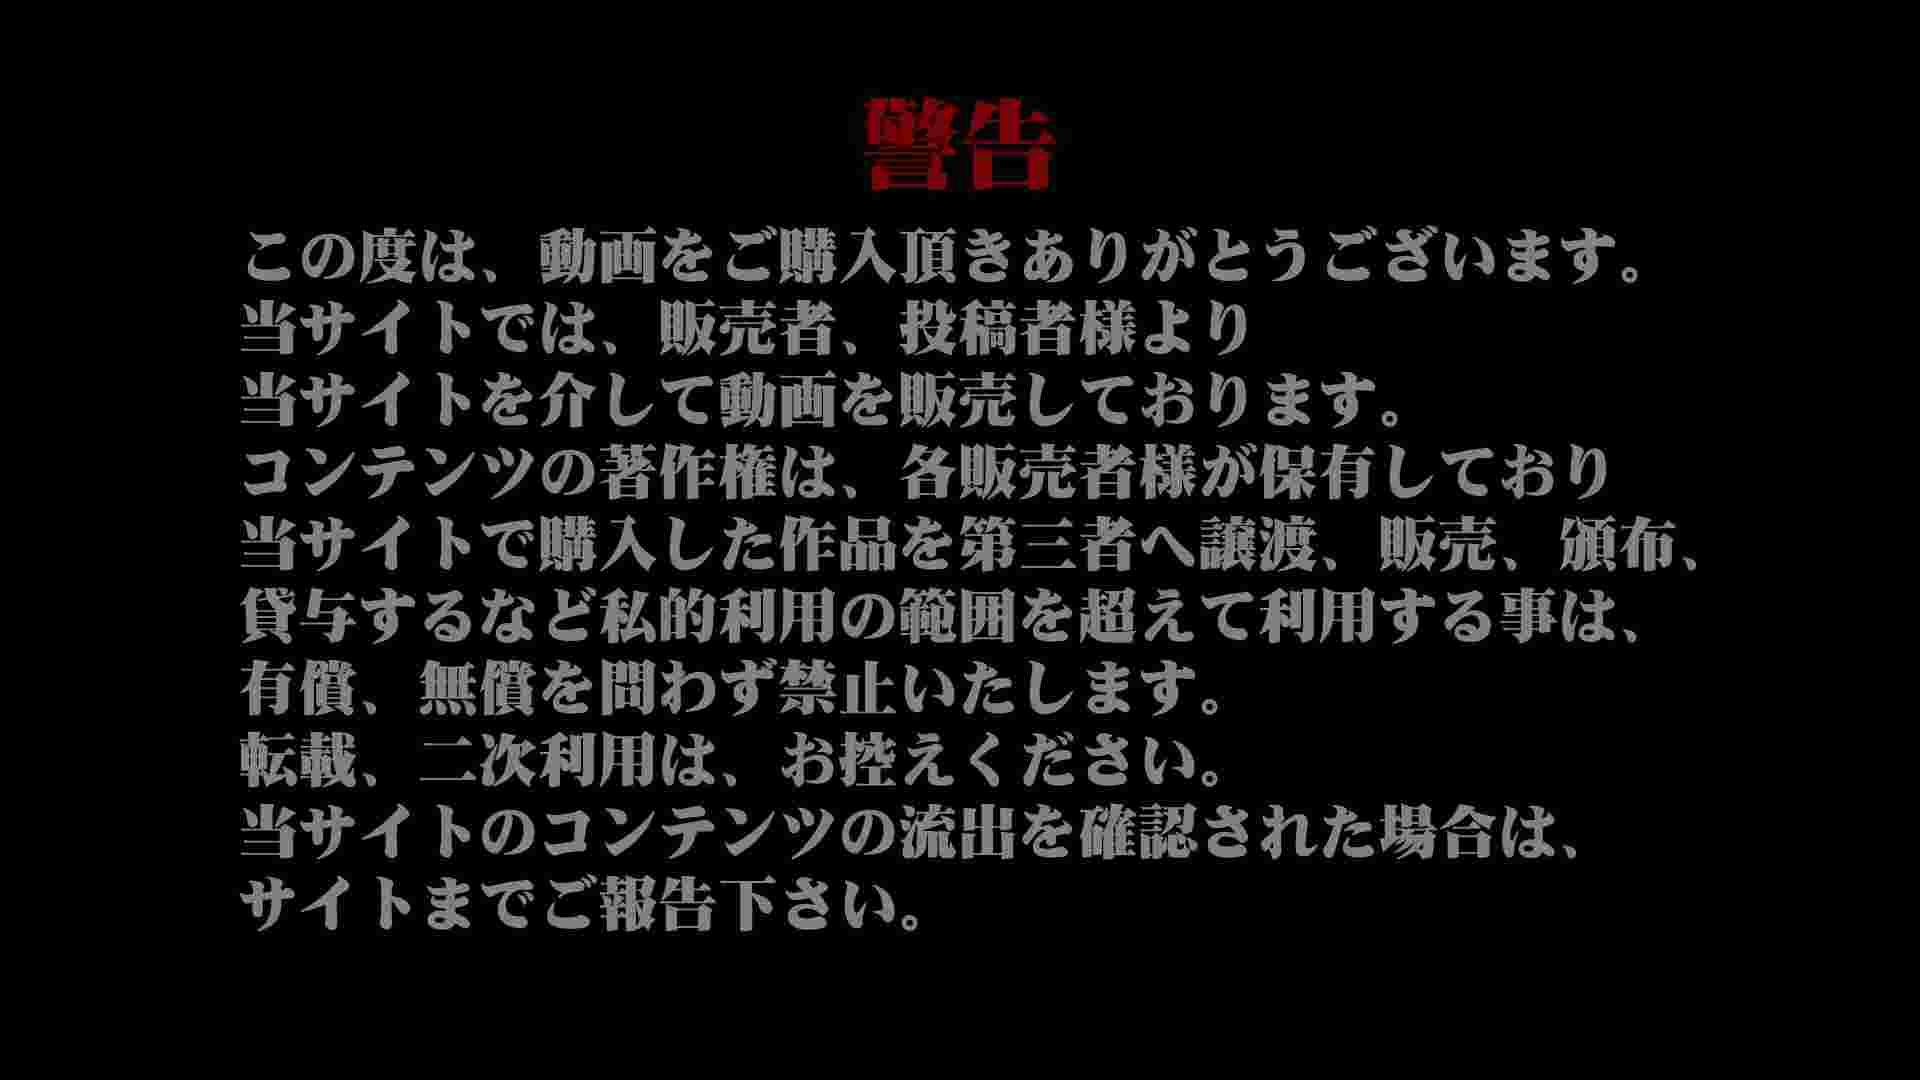 Aquaな露天風呂Vol.981 露天 | 盗撮大放出  25連発 1